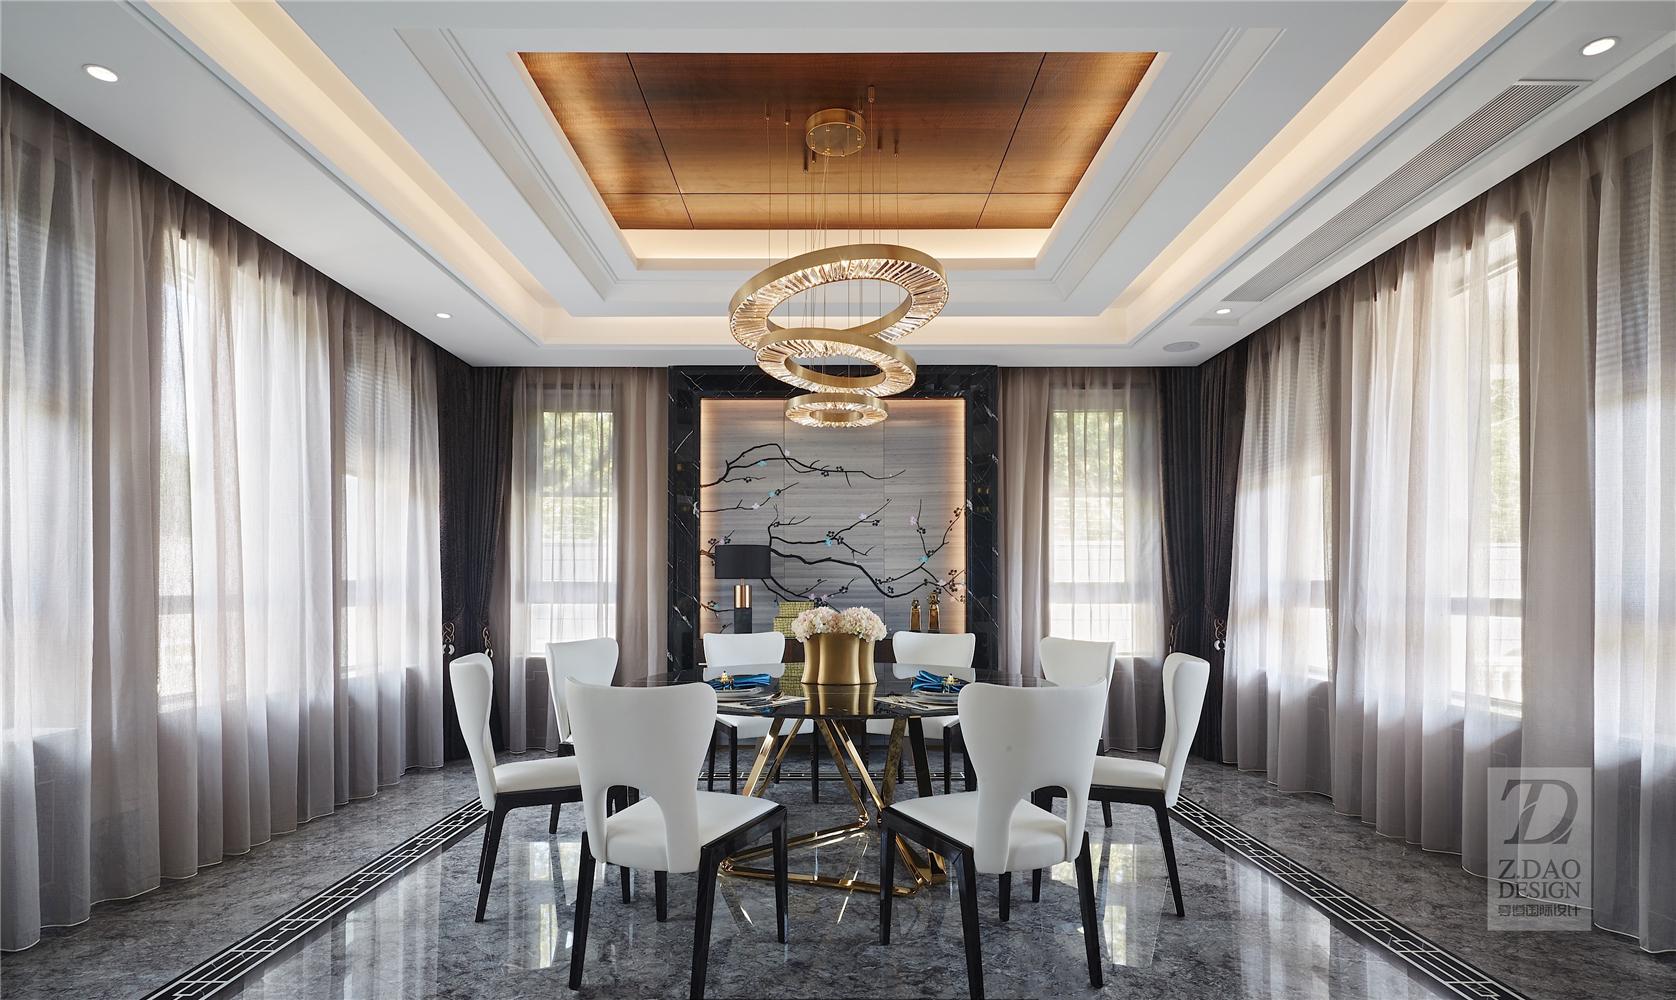 奢华新中式别墅餐厅装修效果图